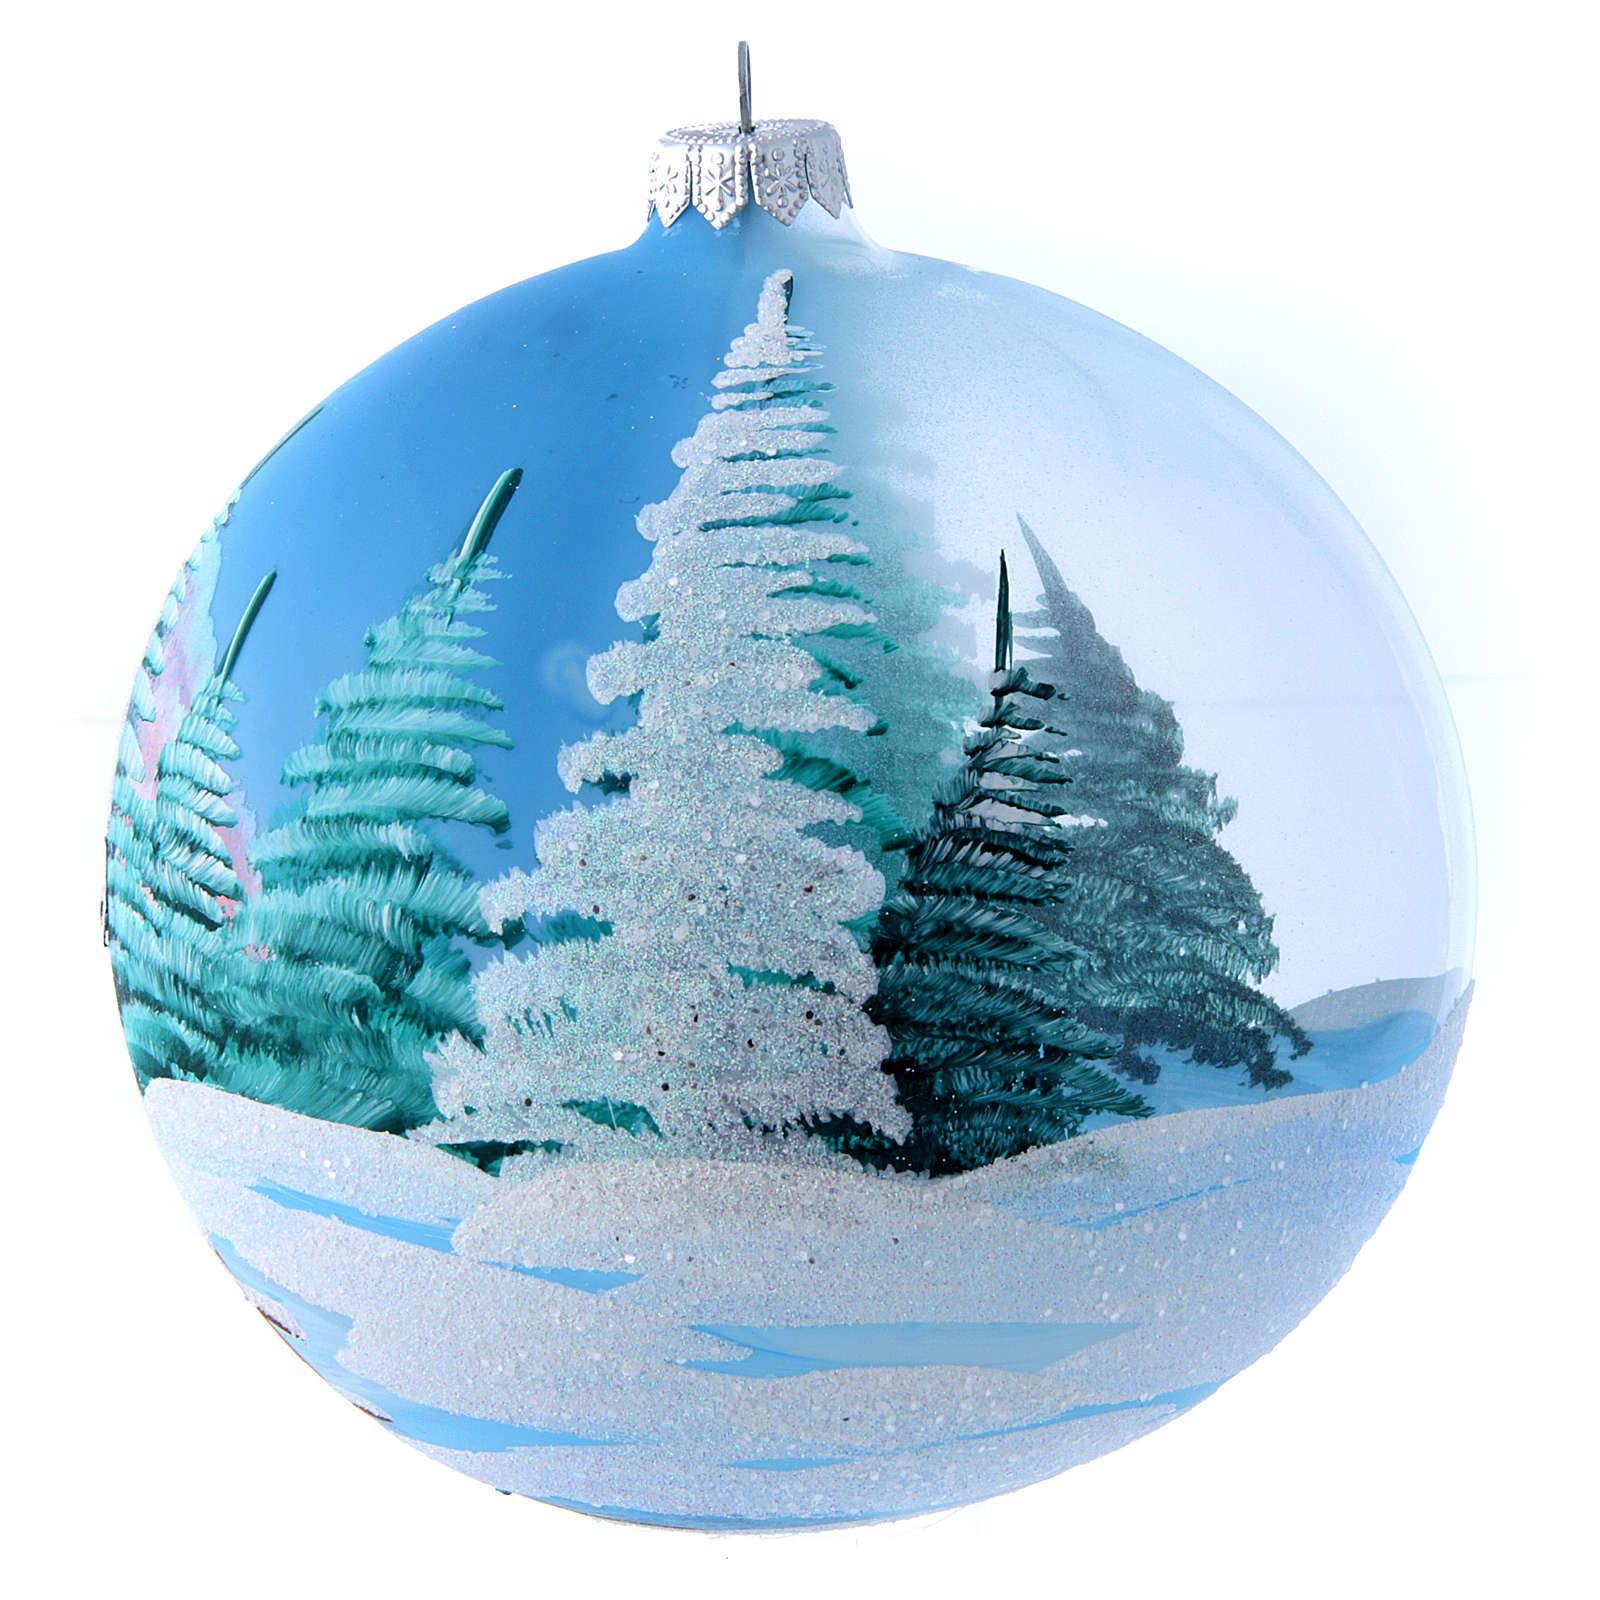 Bola de vidrio transparente decoración pintada y decoupage 150 mm 4